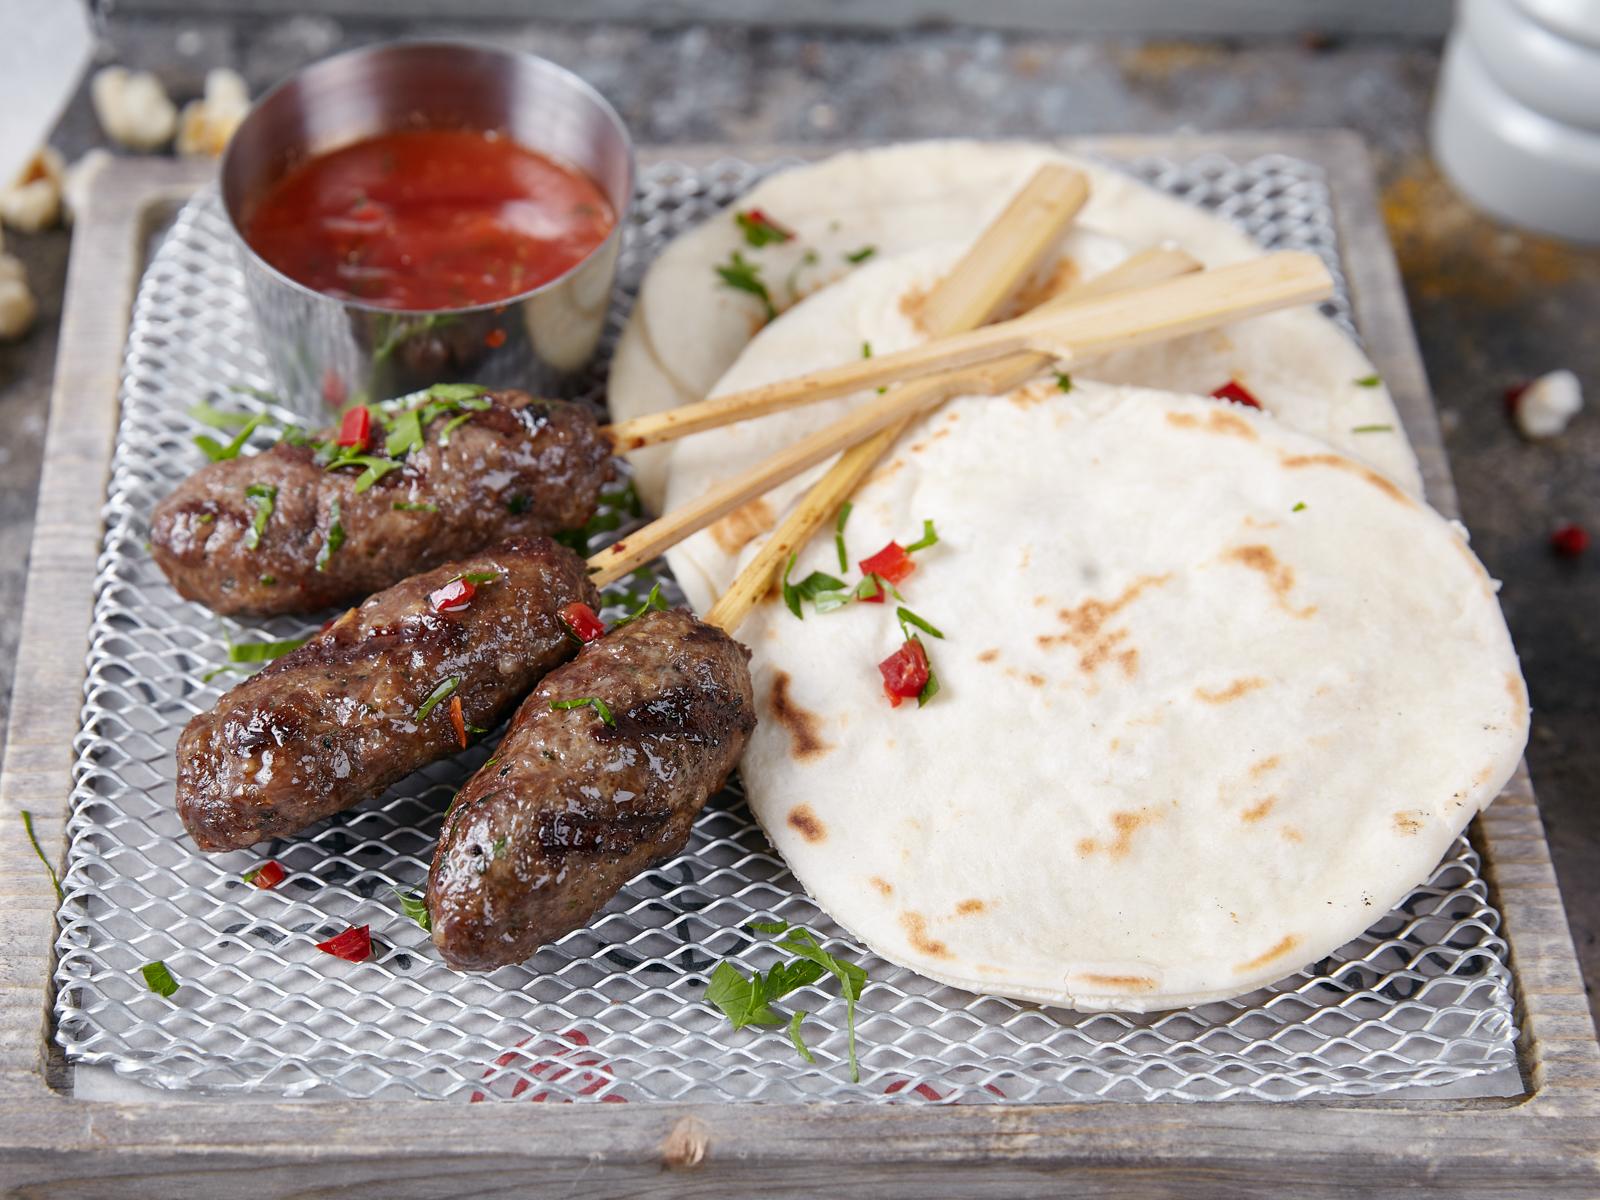 Кебабы из говядины по-турецки с пряным соусом и лепешками